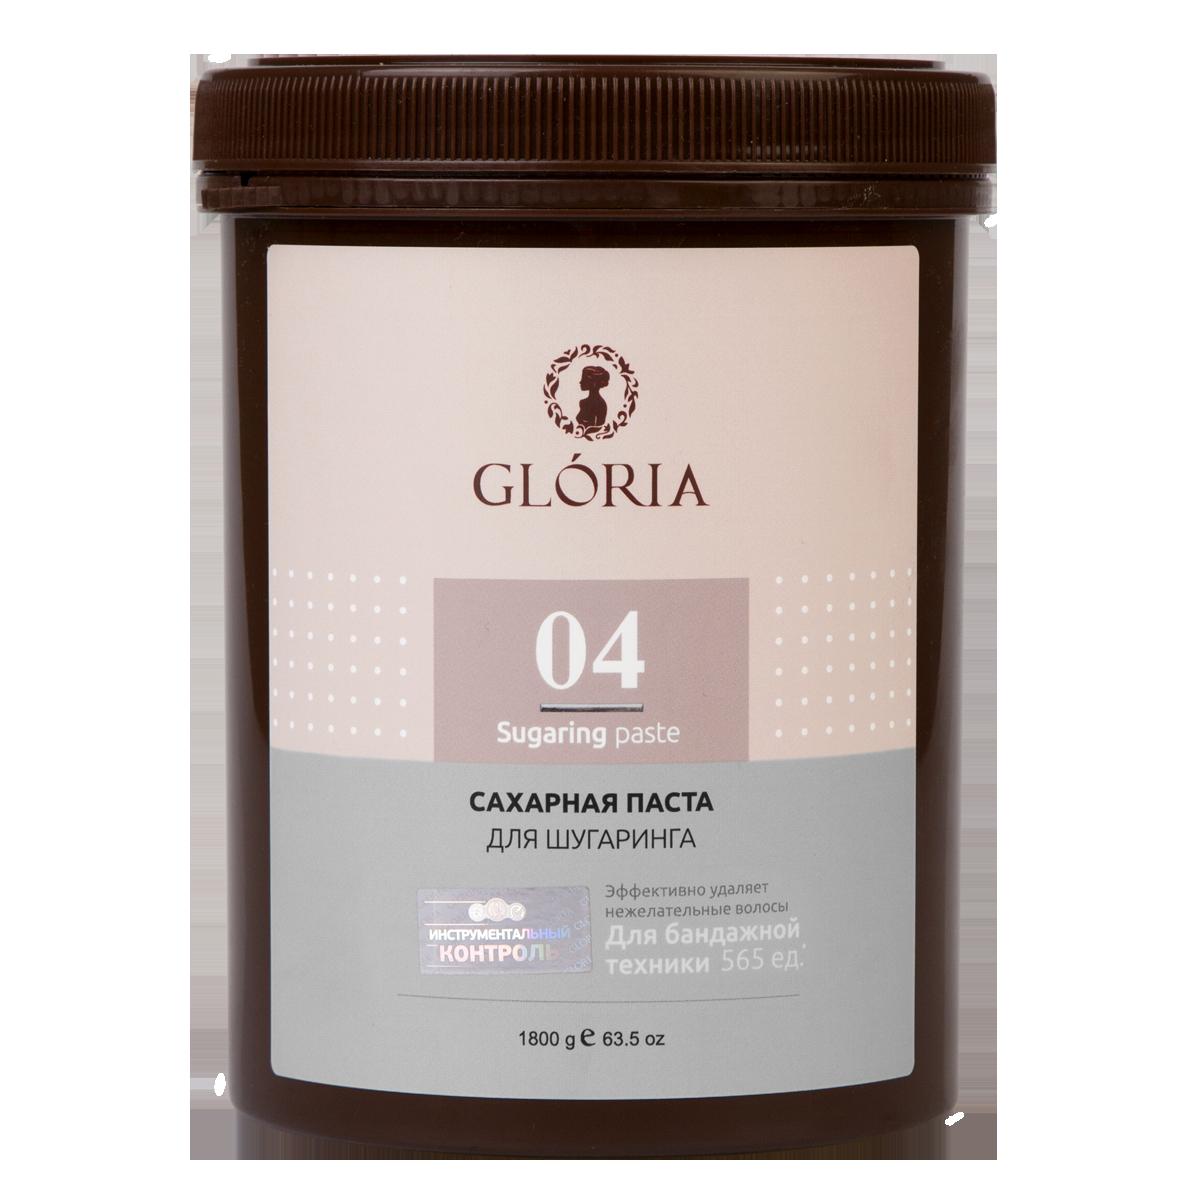 GLORIA Паста сахарная бандажная для депиляции 1,8 кг